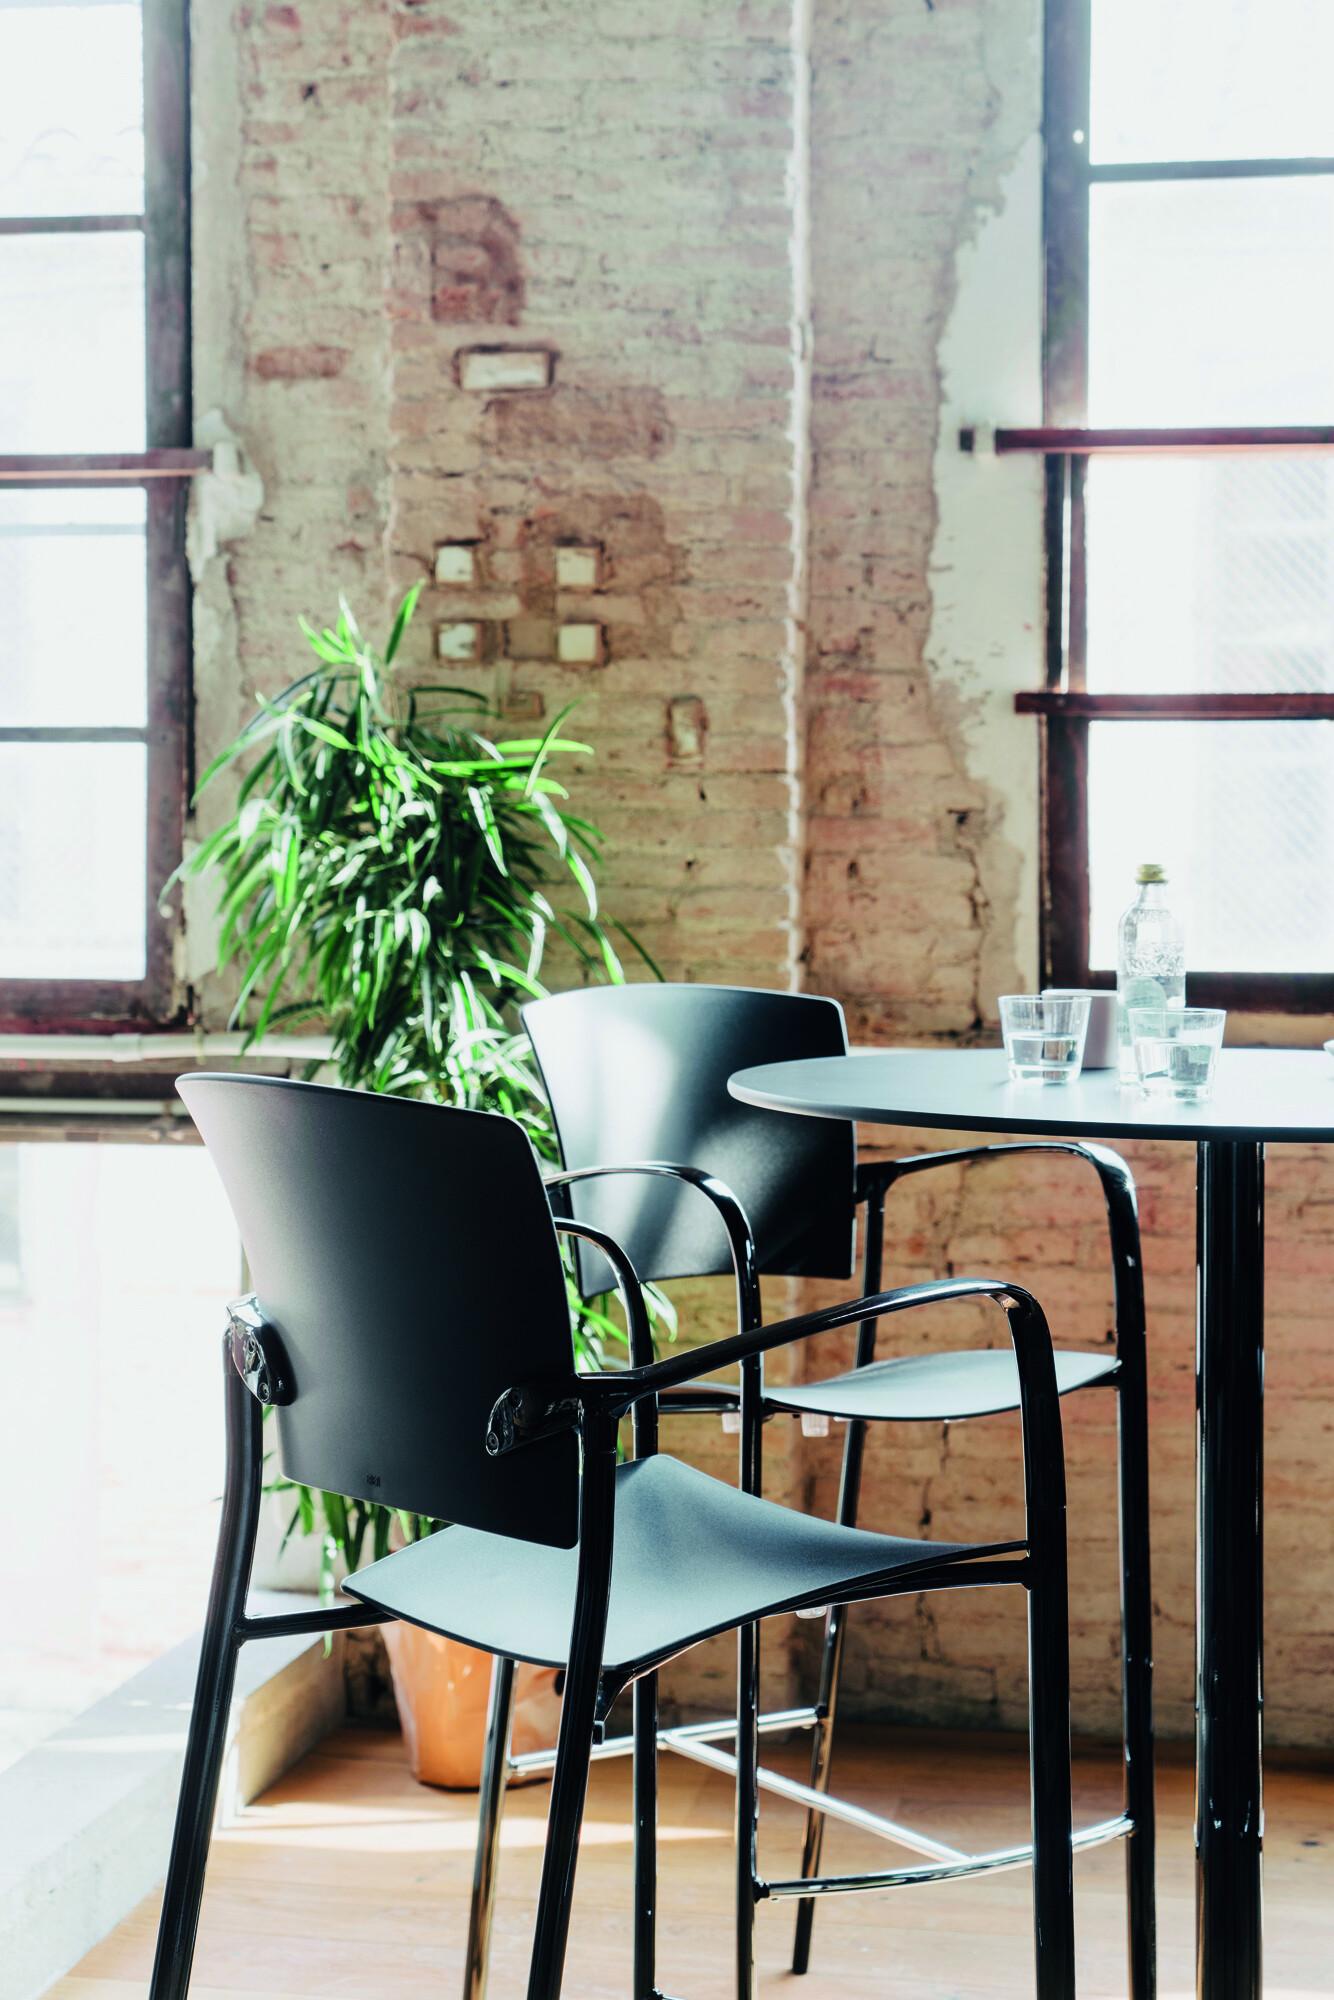 Eina stool